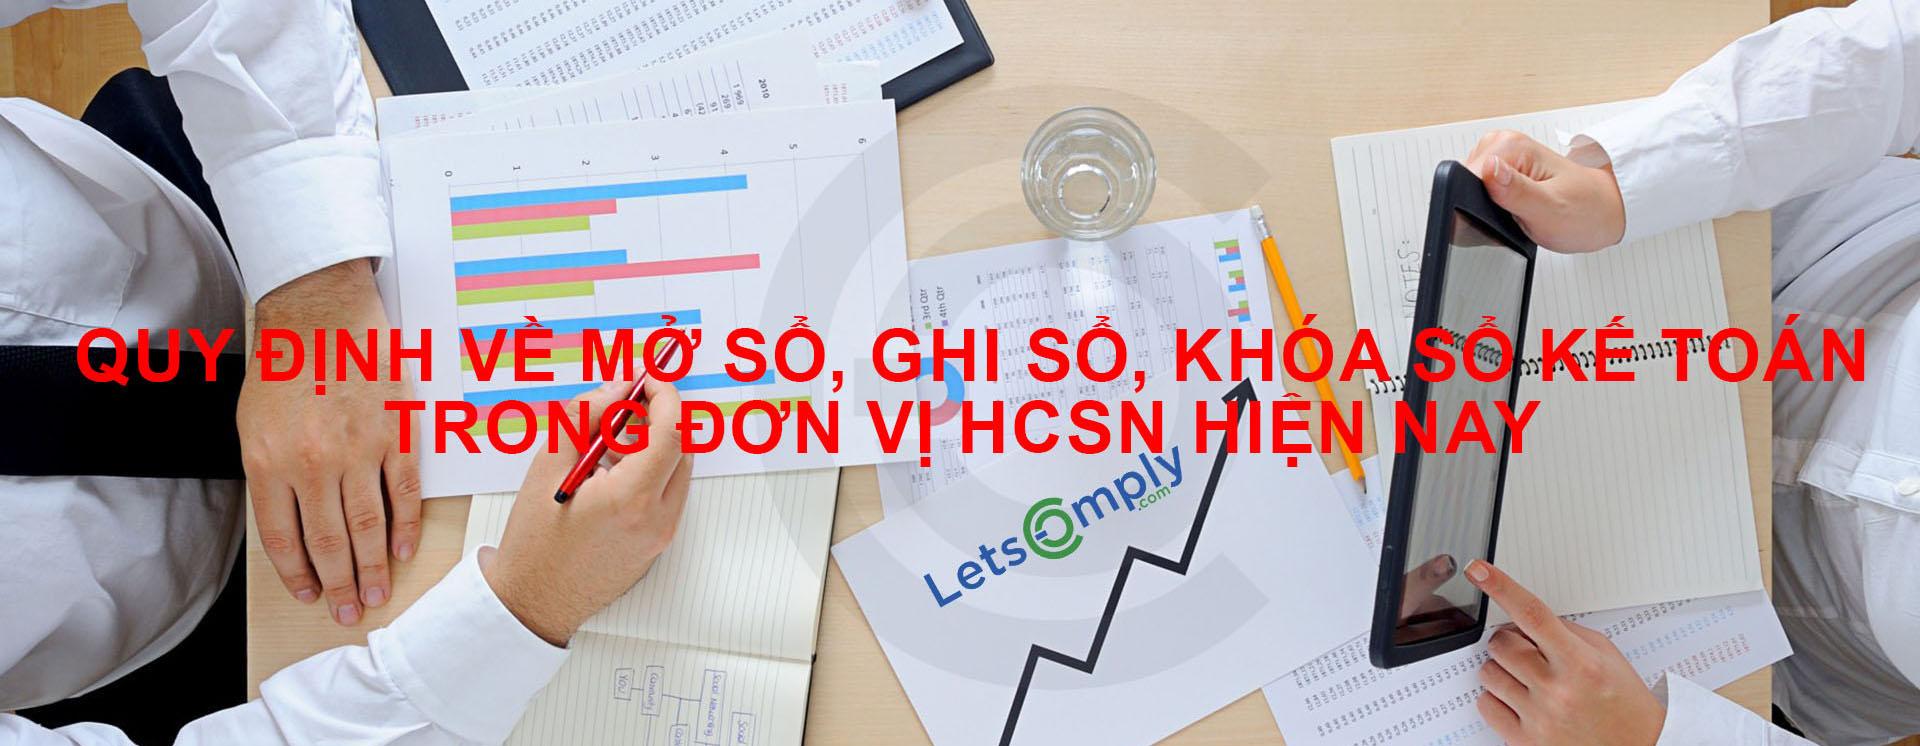 Quy định về mở sổ, ghi sổ, khóa sổ kế toán trong đơn vị HCSN hiện nay